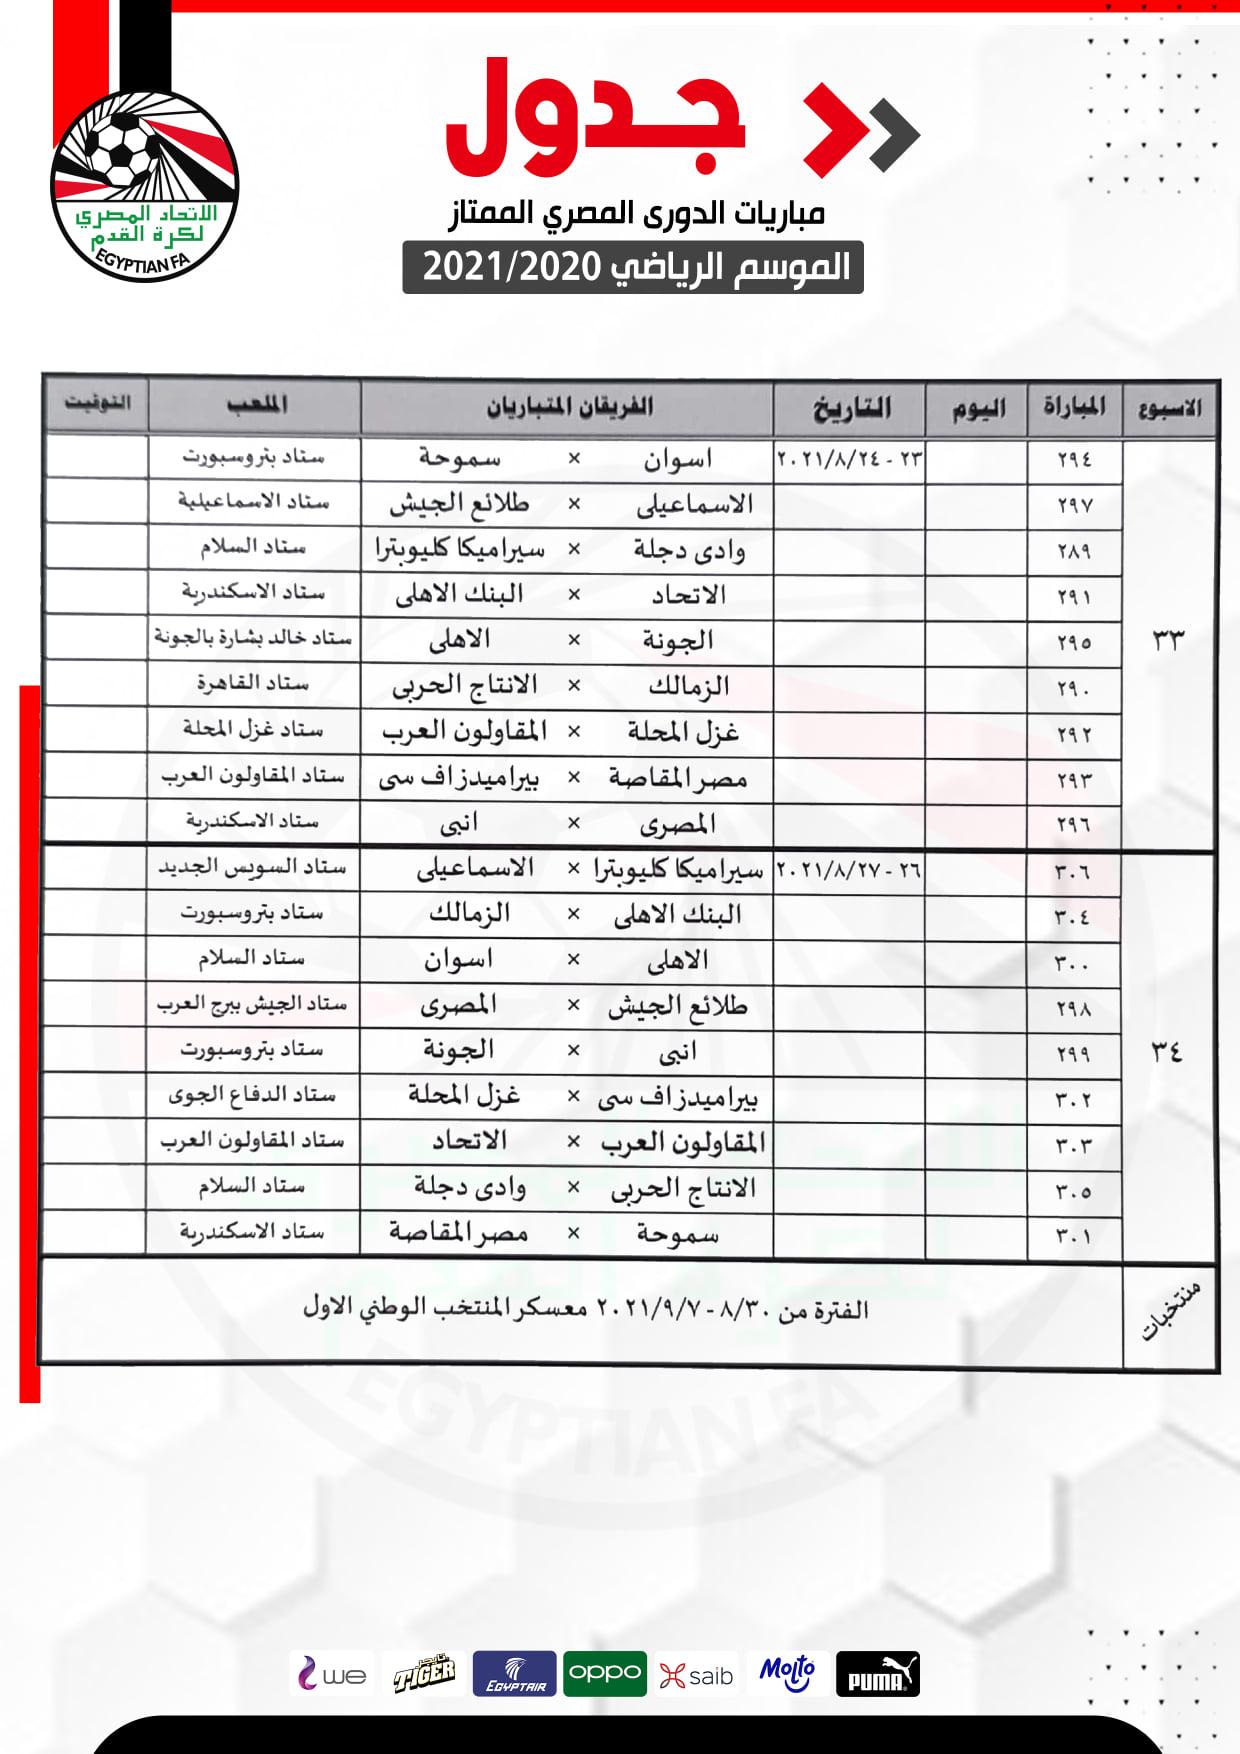 جدول الدوري 3